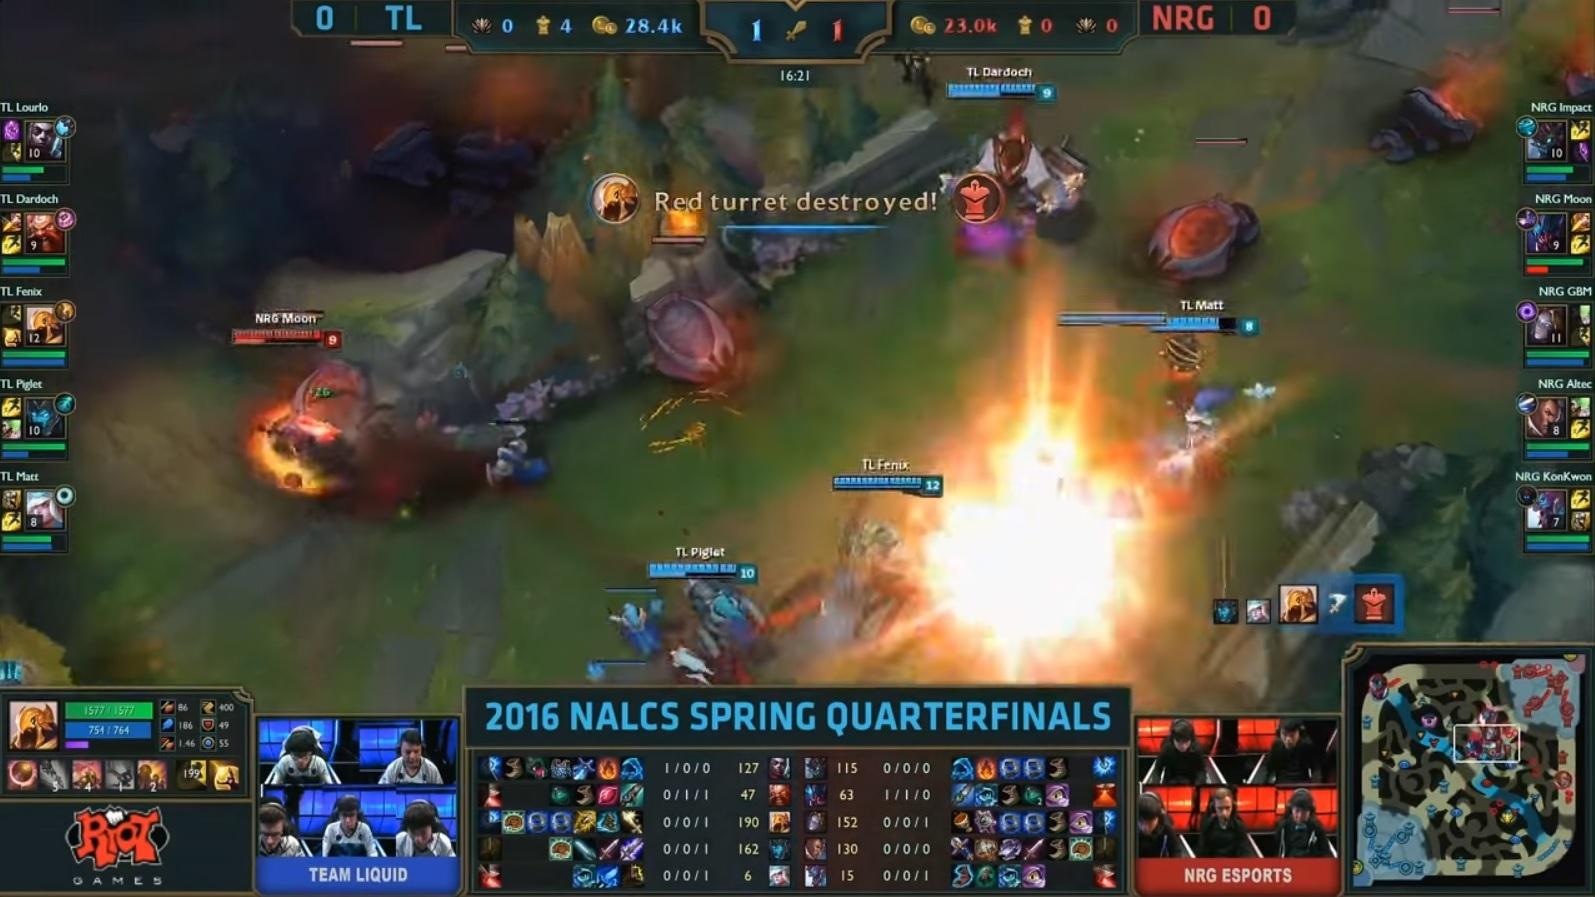 NRG v TL Game 1